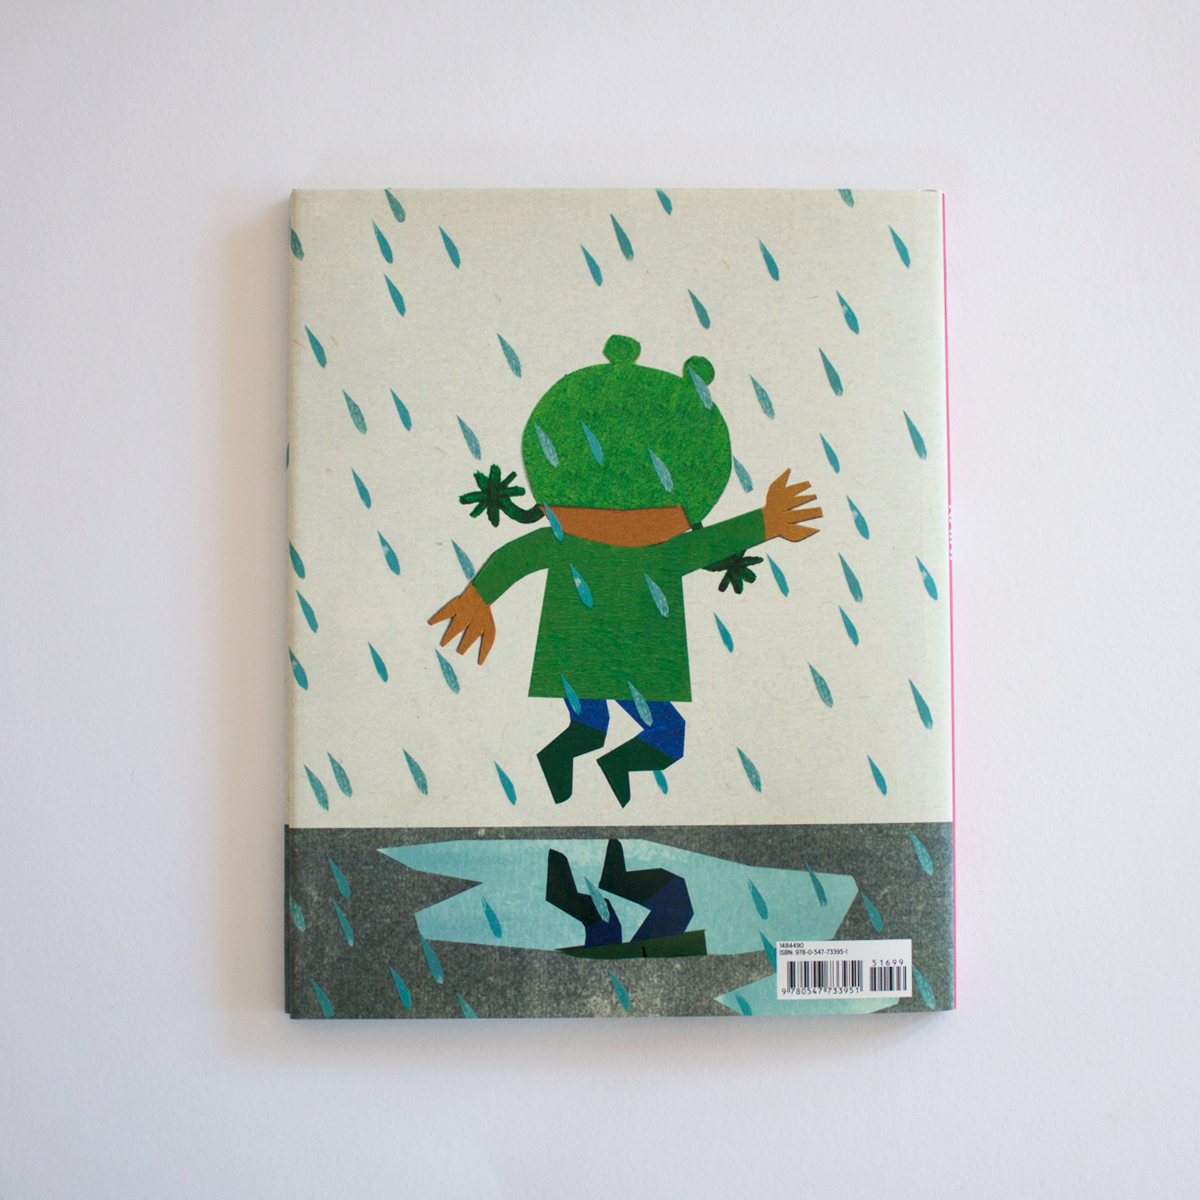 rain_8-book-template.jpg